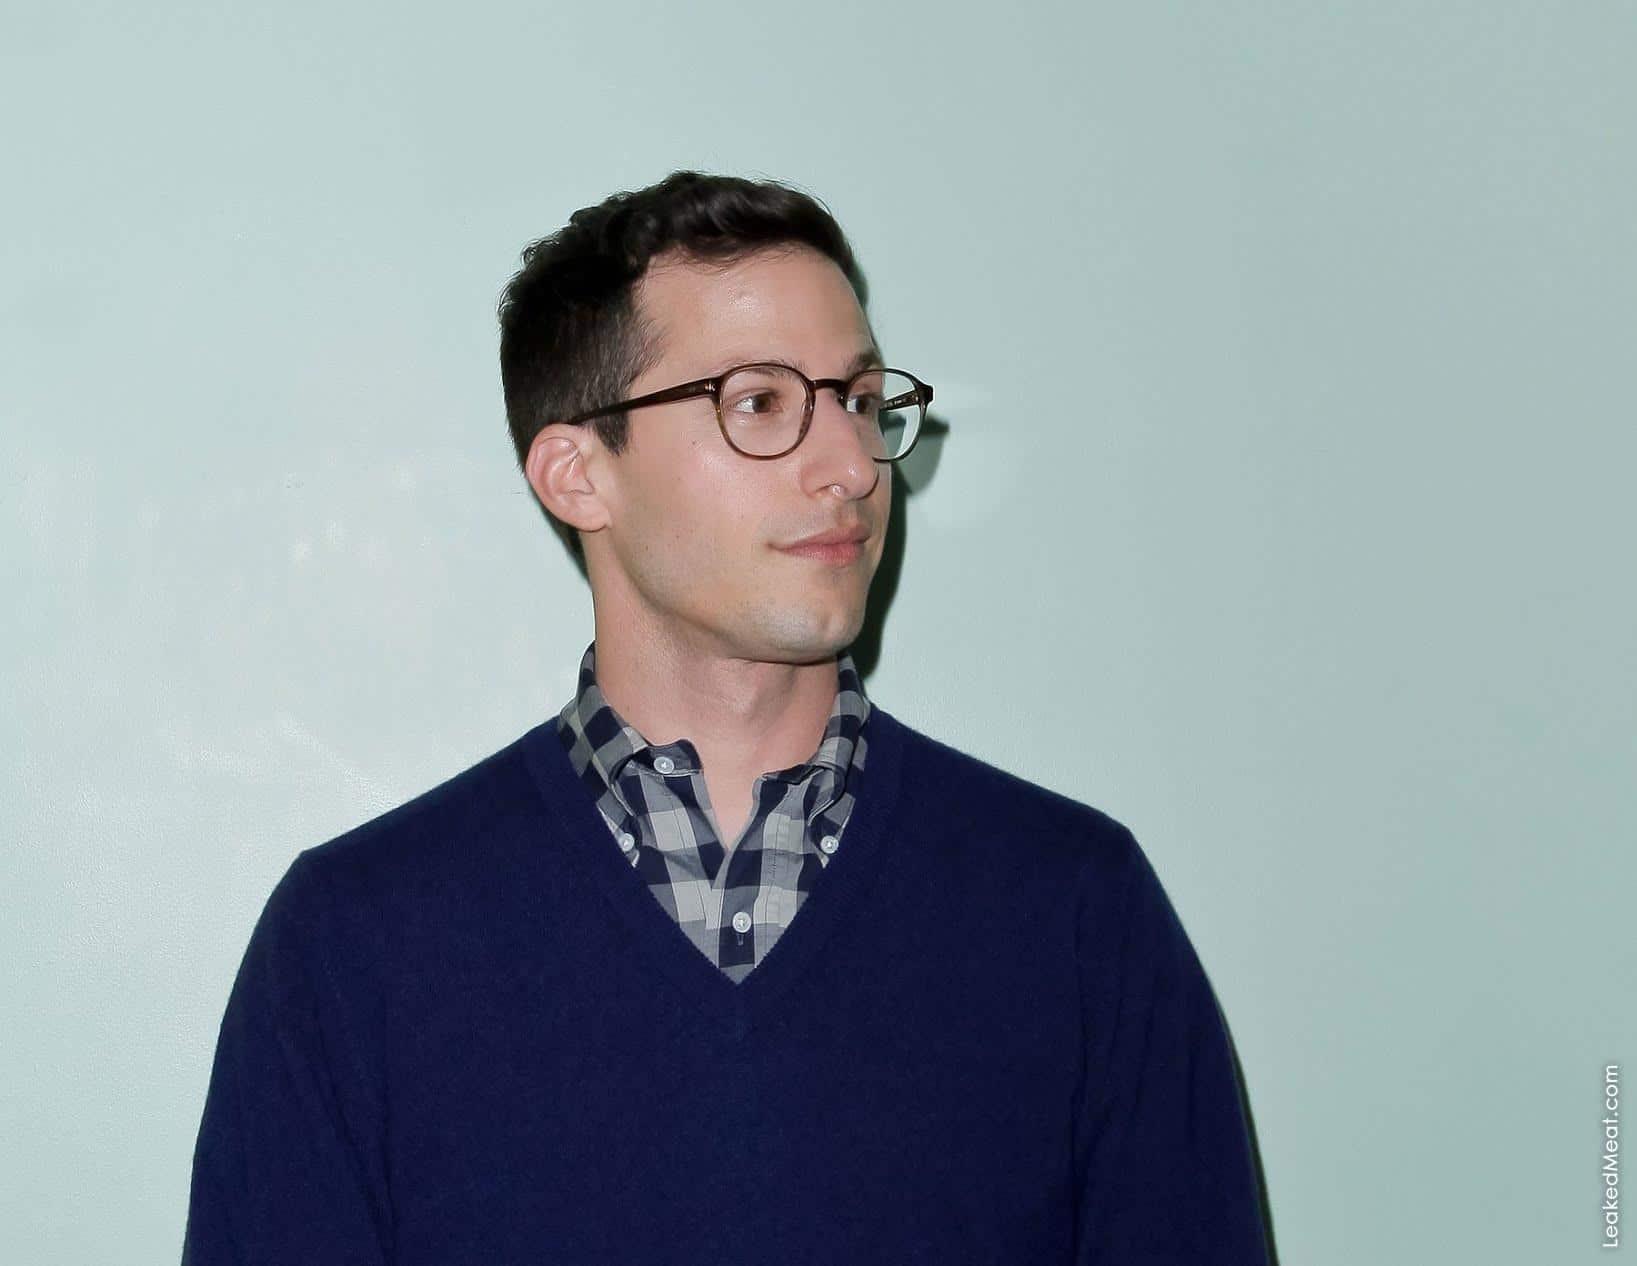 Andy Samberg | LeakedMeat 9